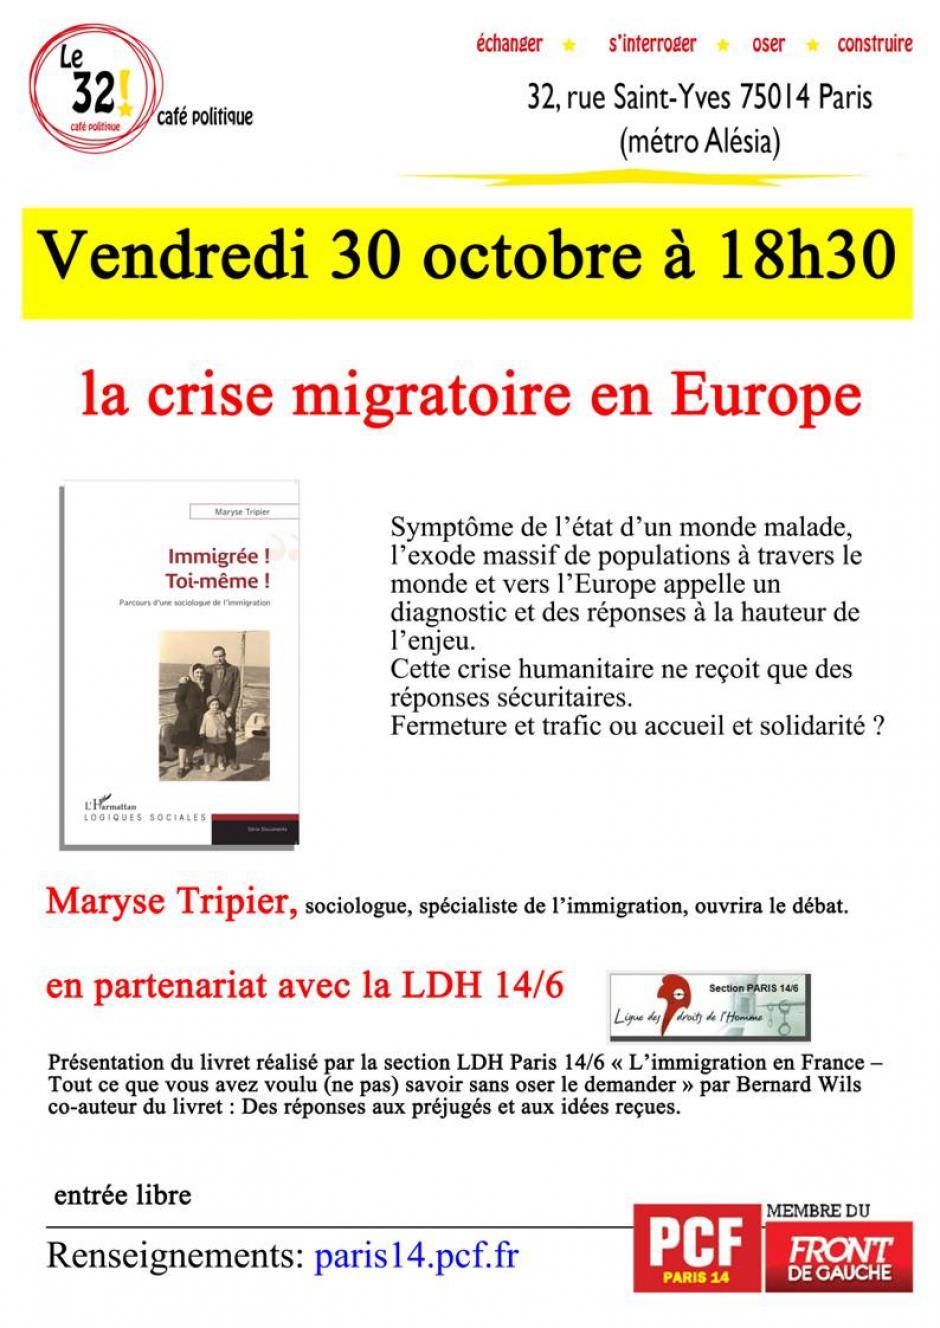 La crise migratoire en Europe